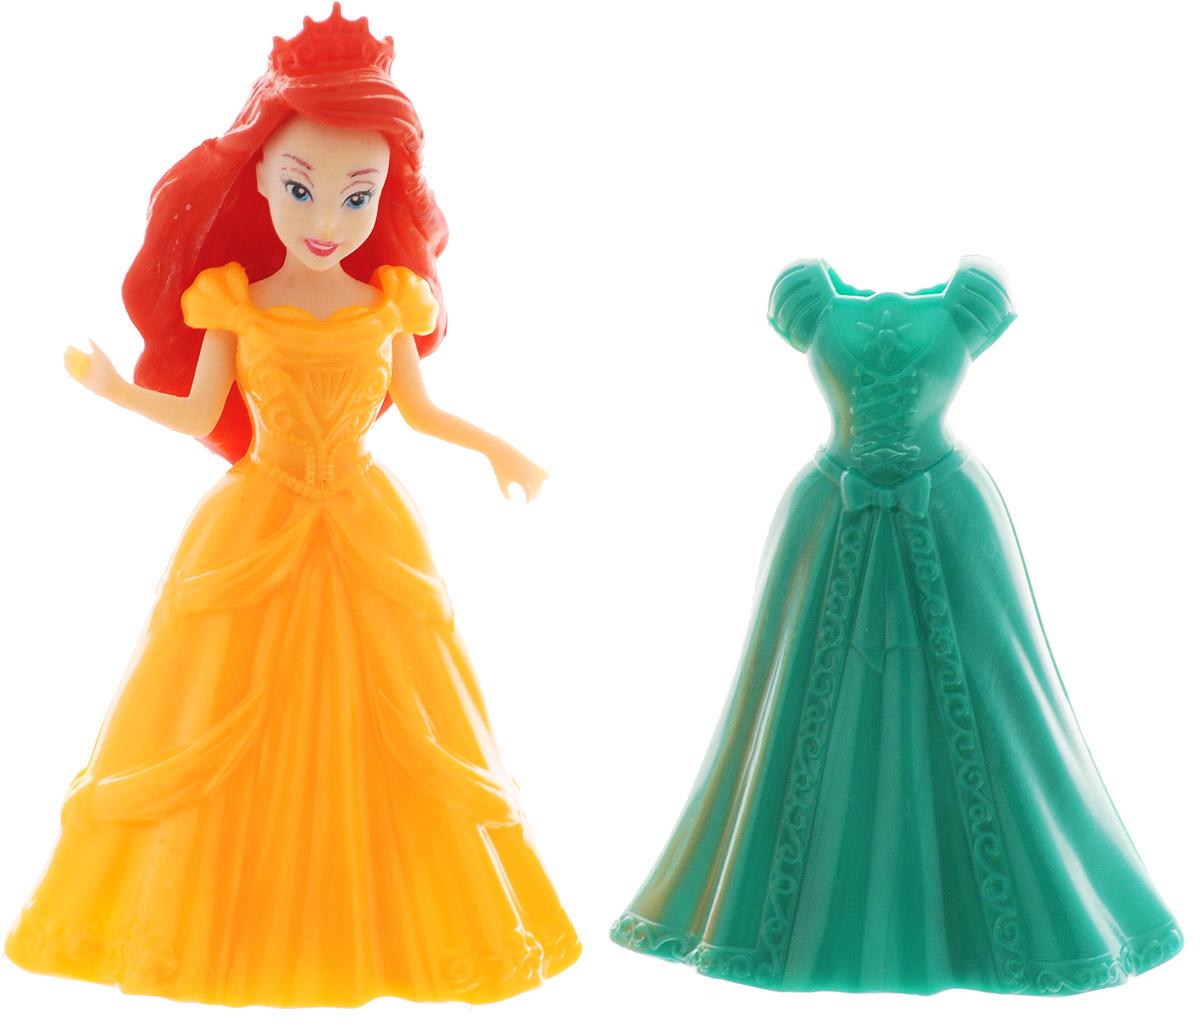 1TOY Мини-кукла Красотка цвет платья оранжевый зеленый 1toy кукла красотка фэшн с одеждой цвет платья оранжевый